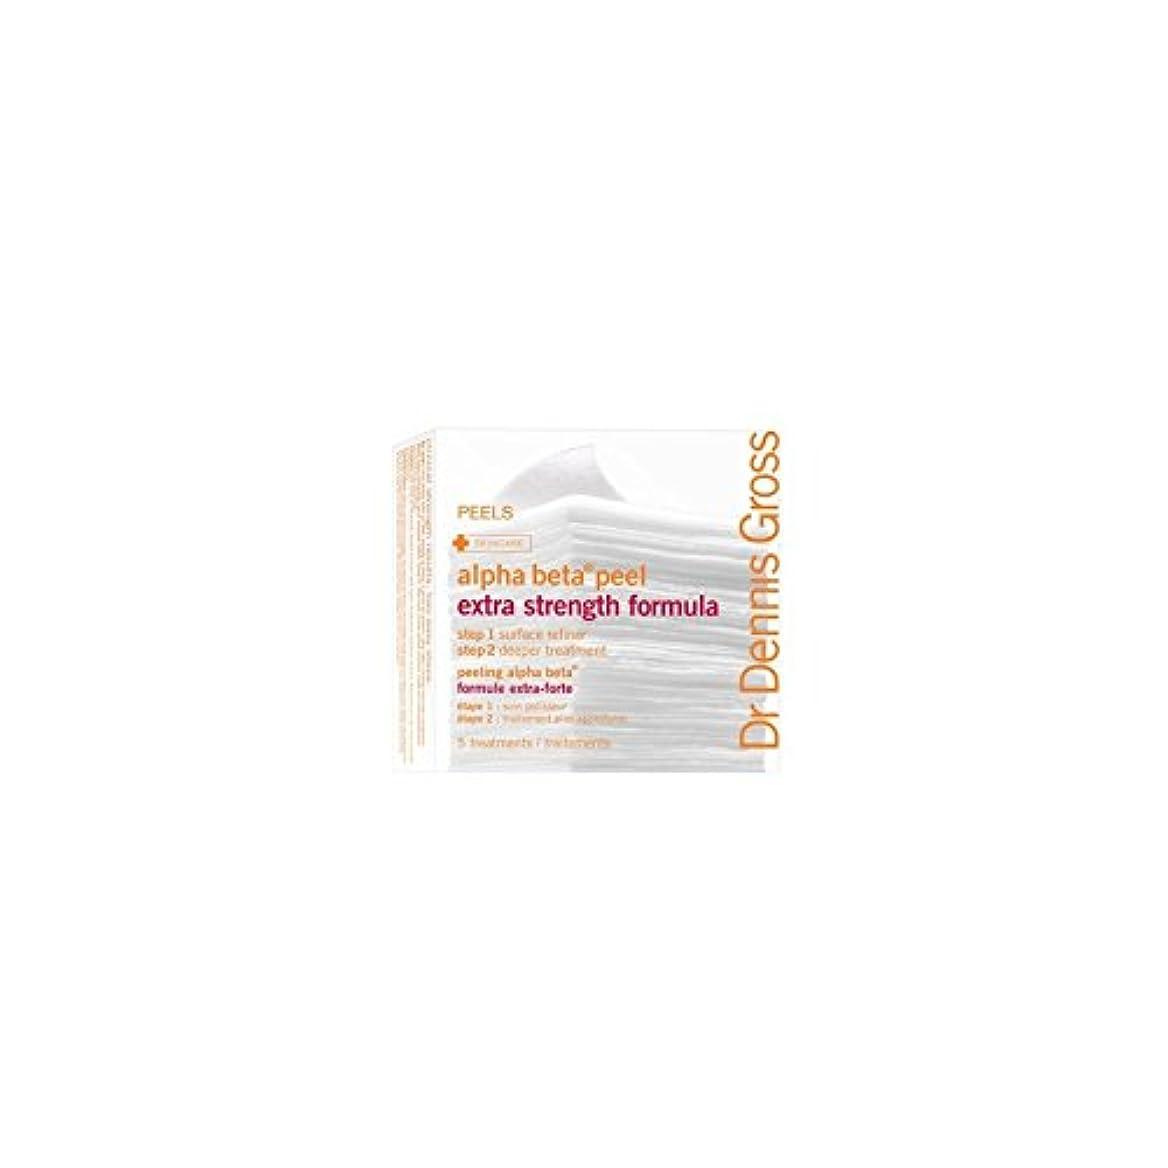 バイオレットサポート敵意デニスグロス余分な強度アルファベータピール - 余分な強さ(5 ) x2 - Dr Dennis Gross Extra Strength Alpha Beta Peel - Extra Strength (5 Packettes) (Pack of 2) [並行輸入品]